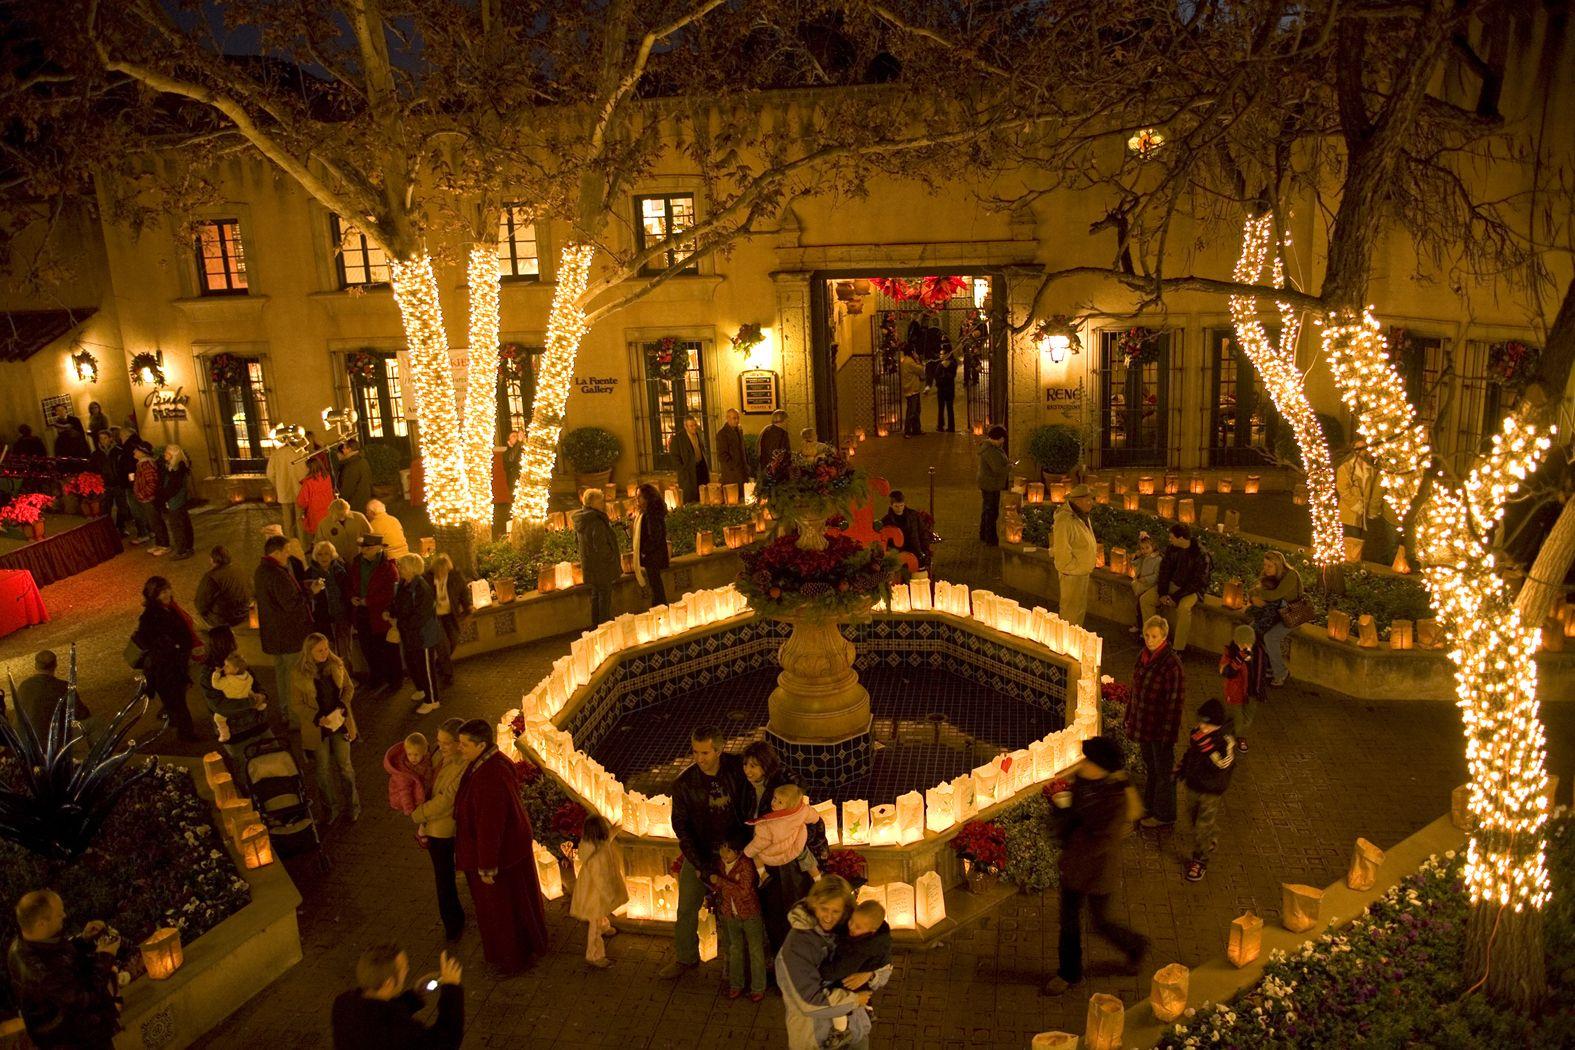 Tlaquepaque Christmas Lights 2020 Blog | The Canny Team | Festival lights, Sedona, Tlaquepaque